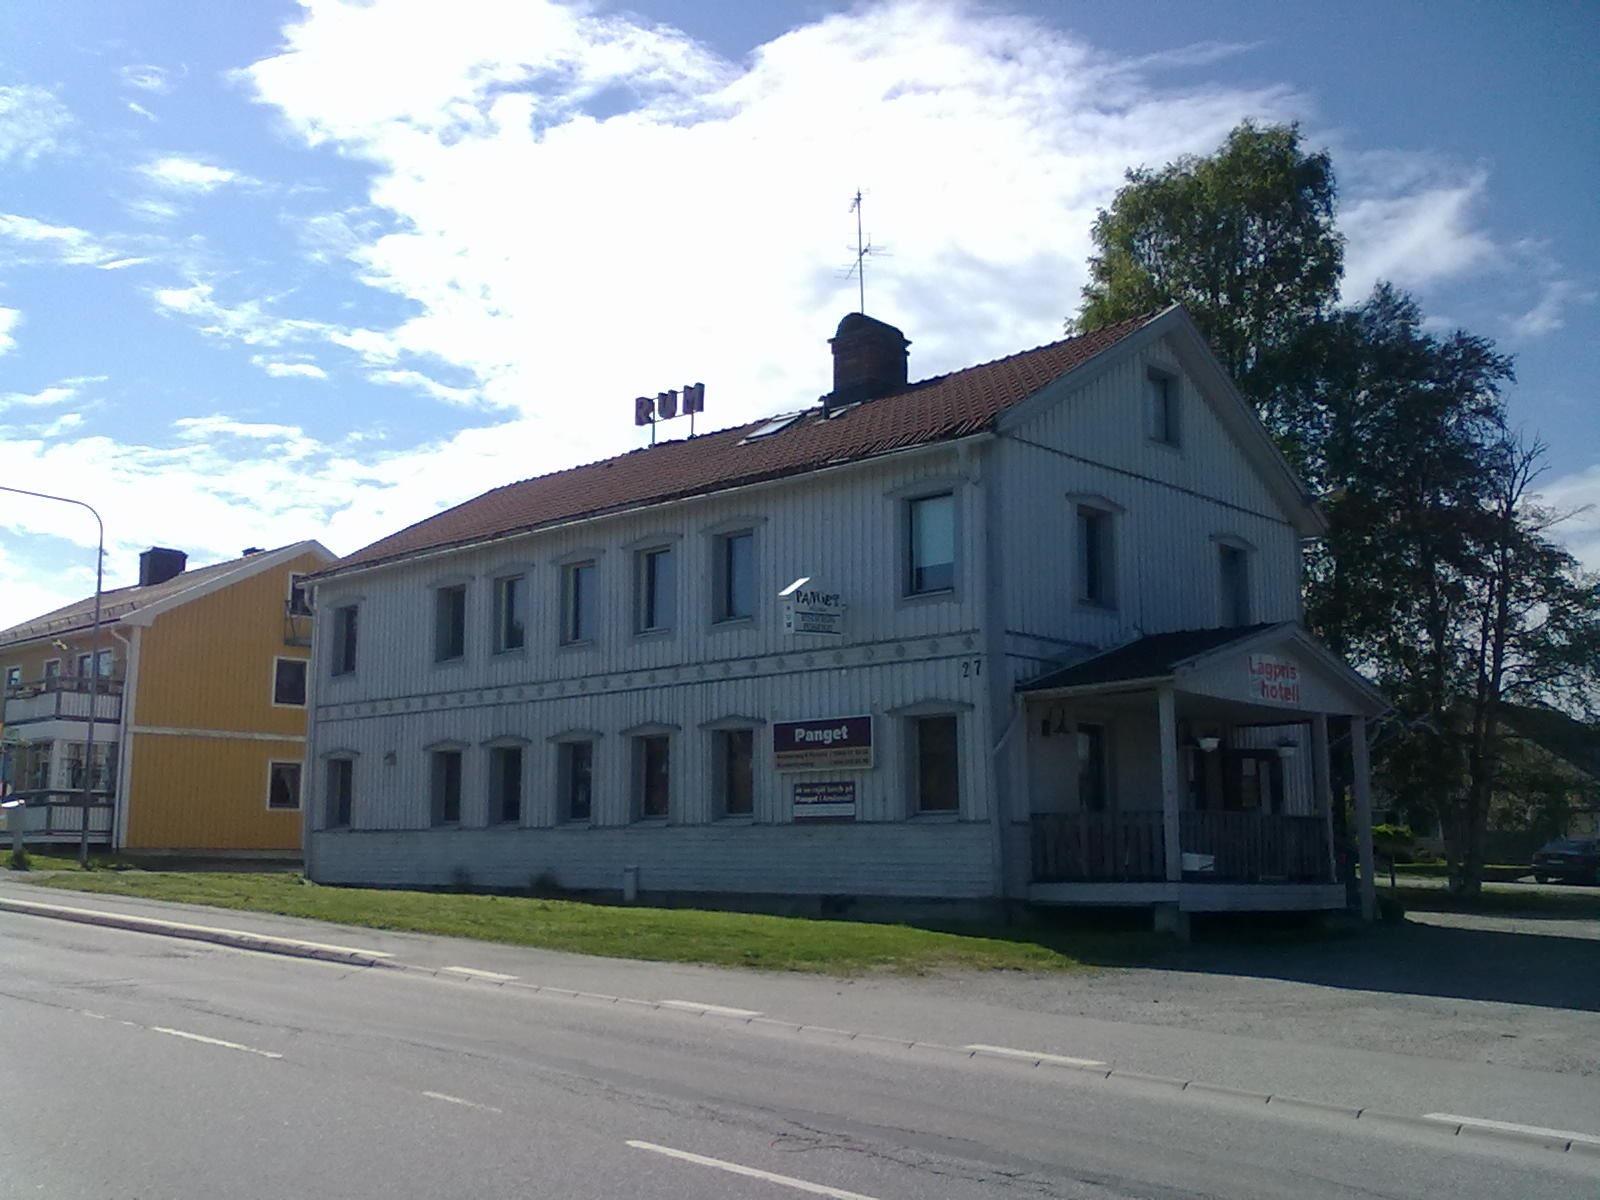 Panget Hotell & Restaurang